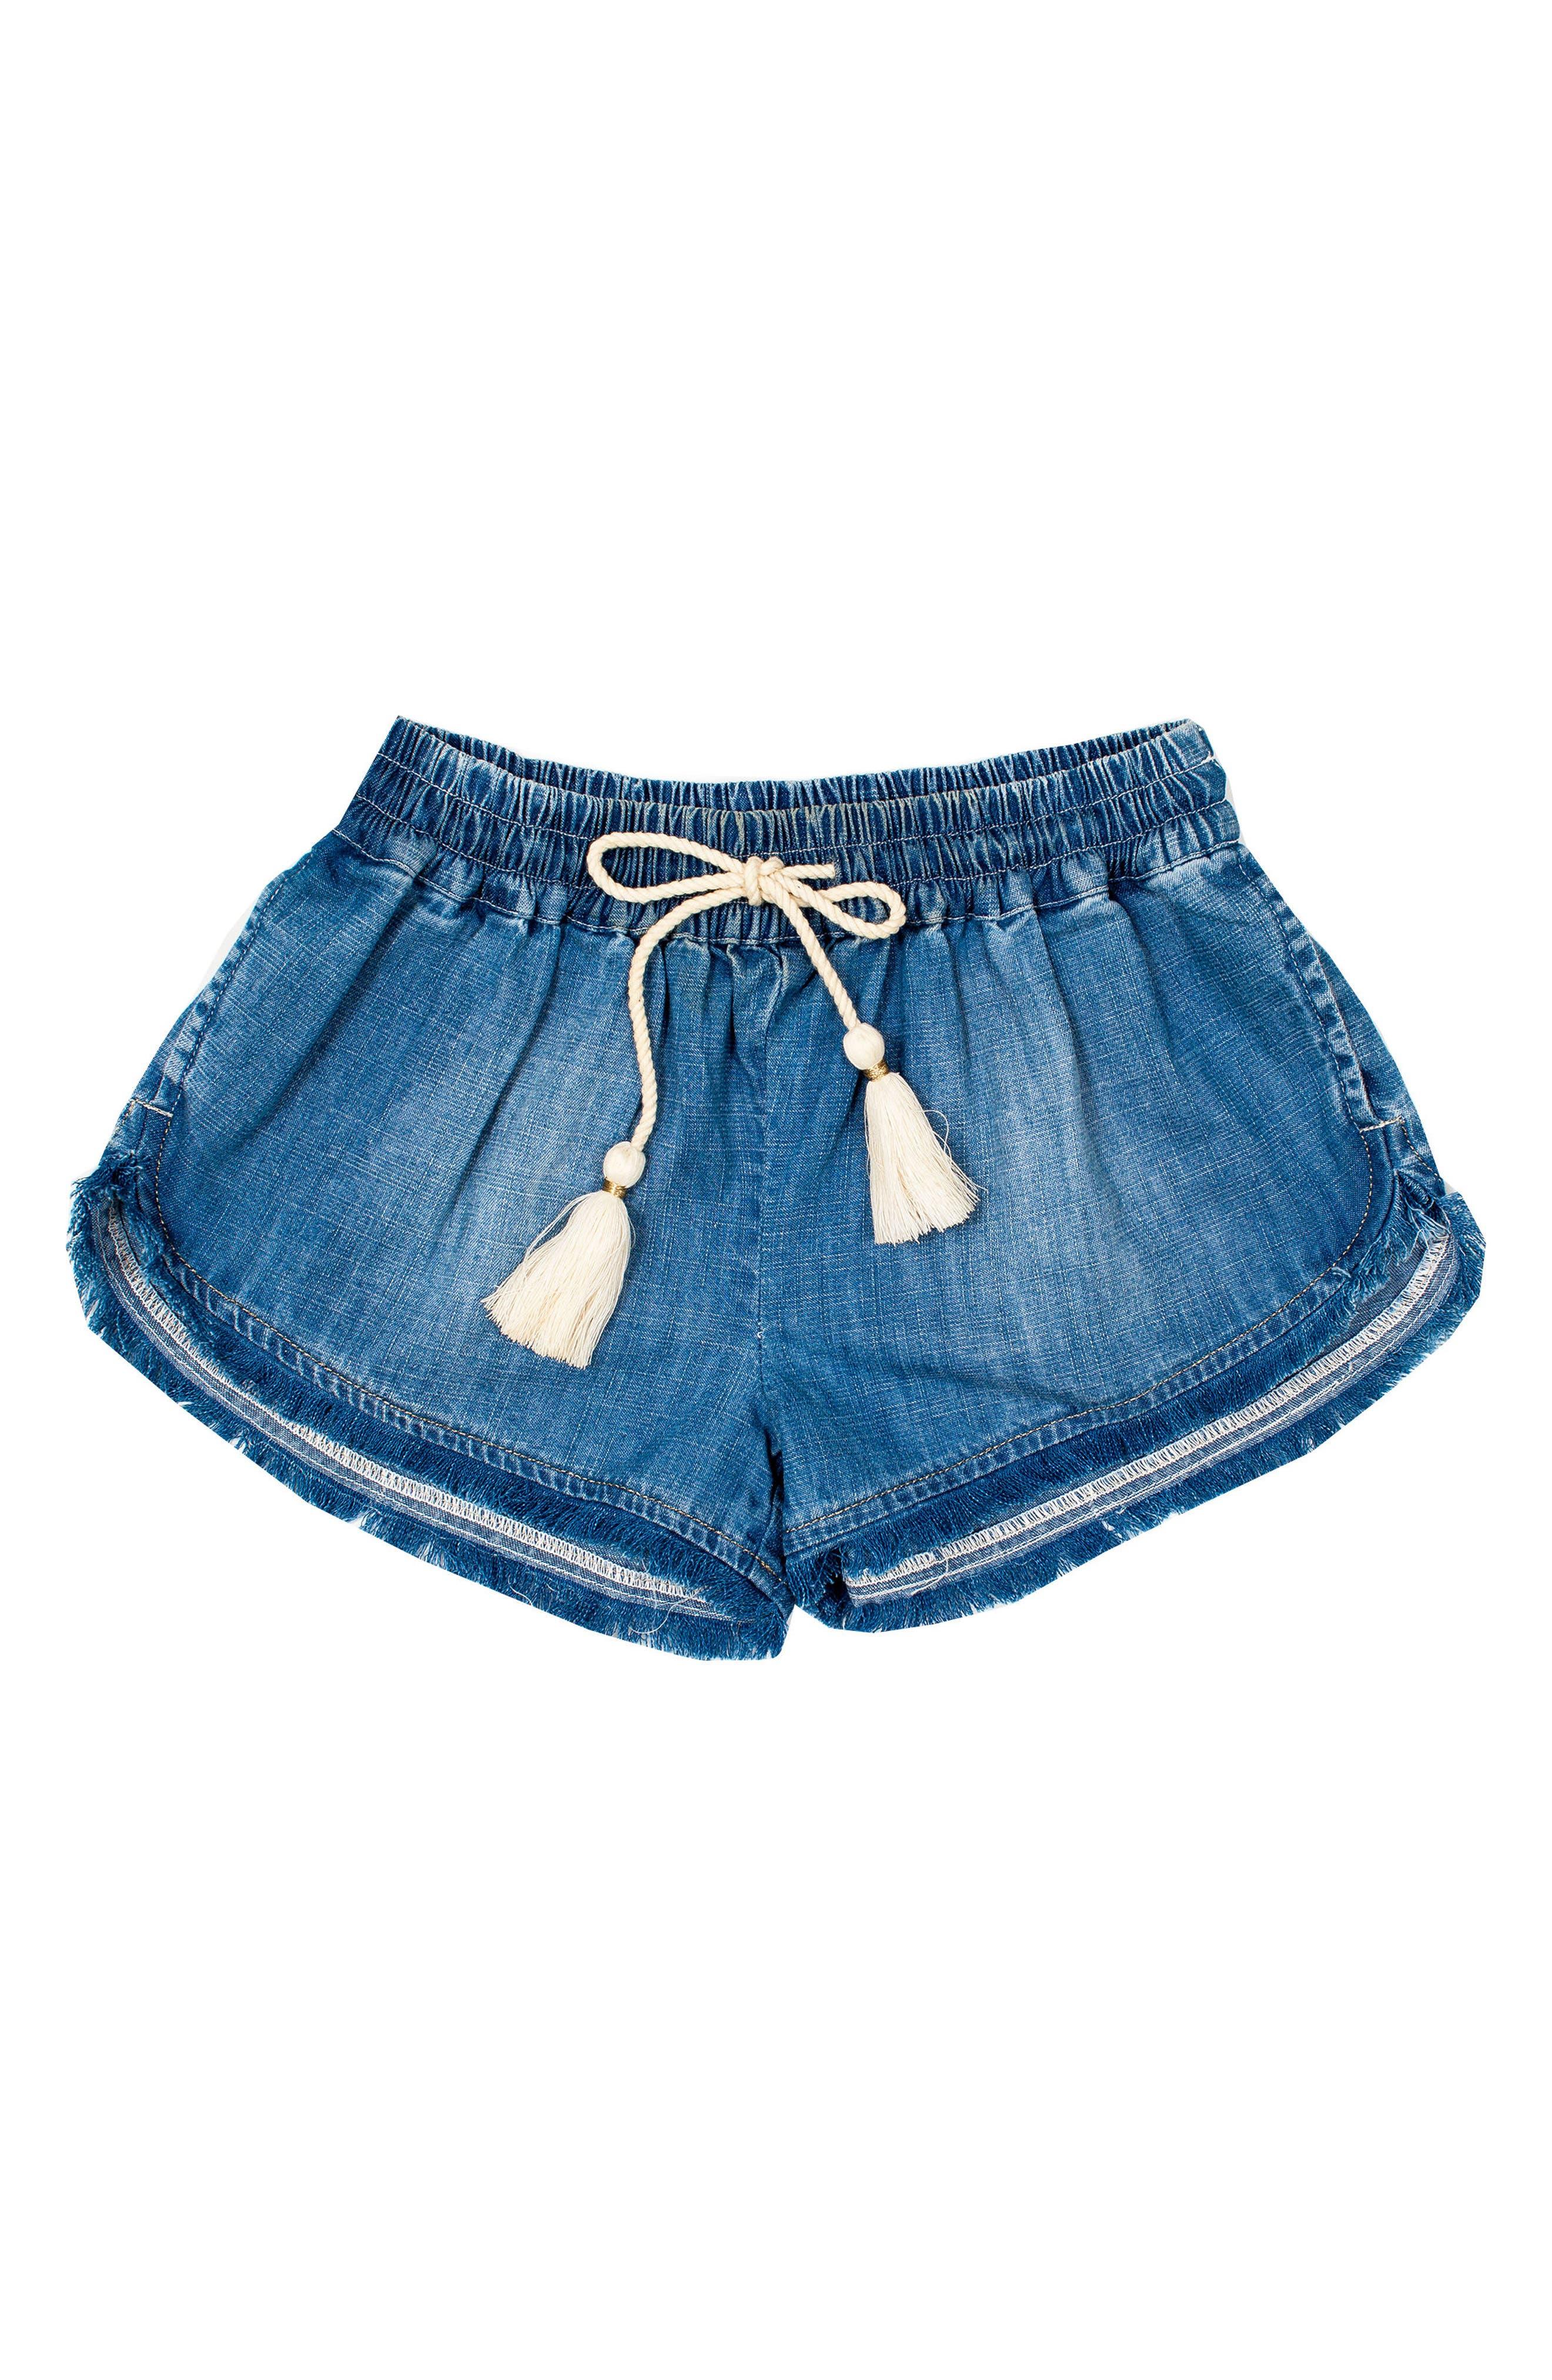 Frayed Denim Shorts,                         Main,                         color, DENIM